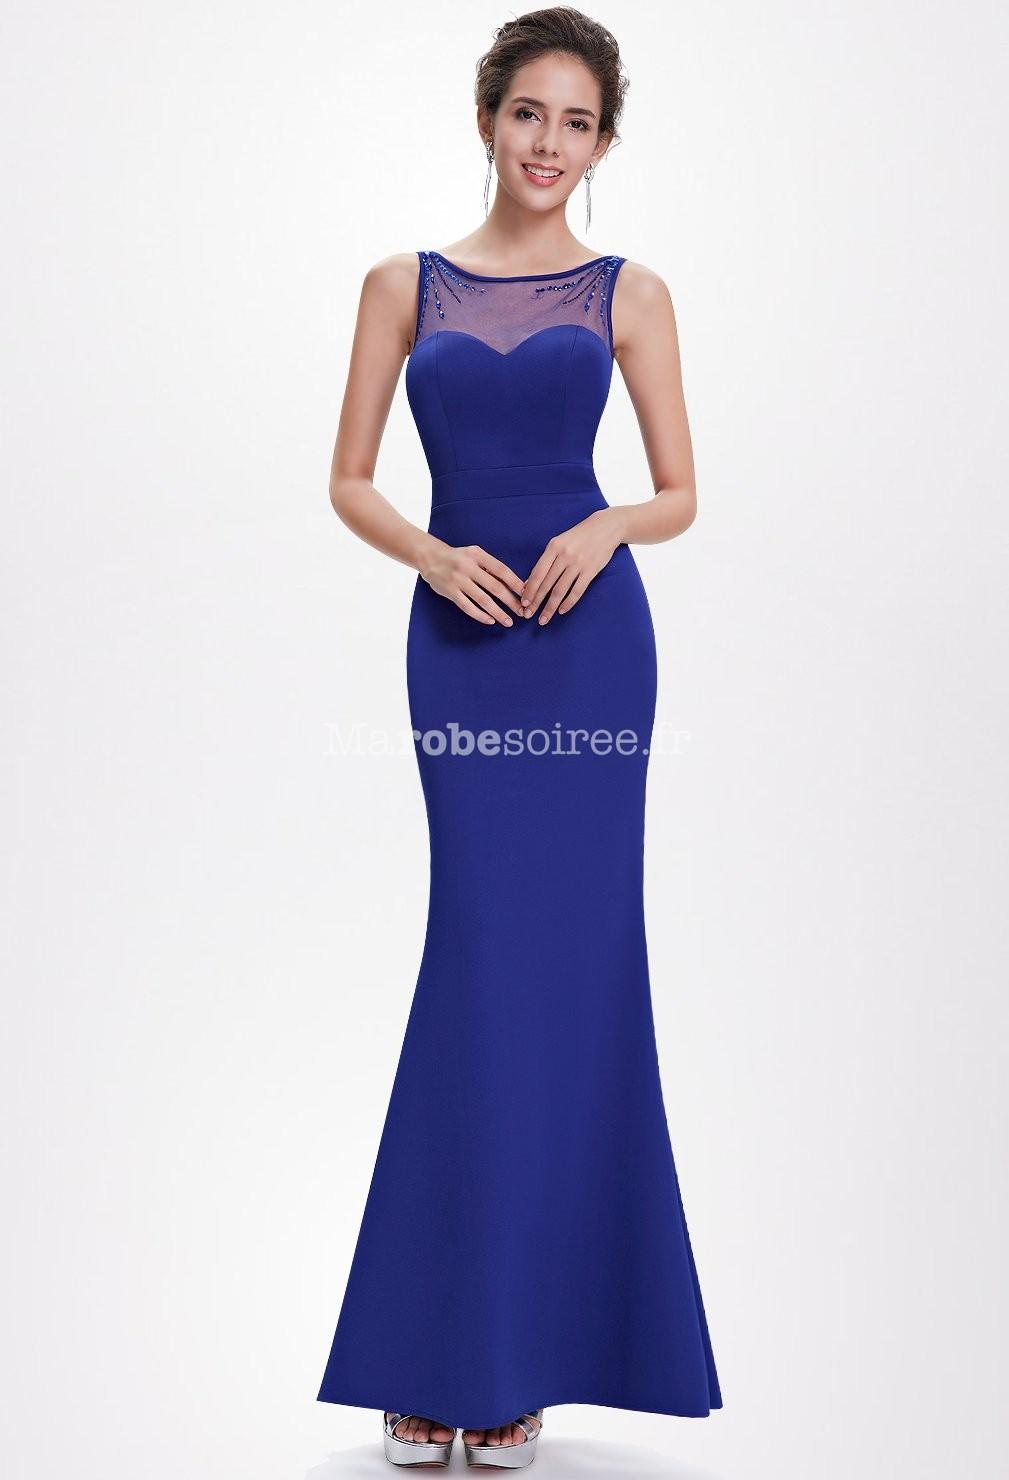 Robe de bal moulante en bleu forme sir ne for Robes de bal de plage robe de bal